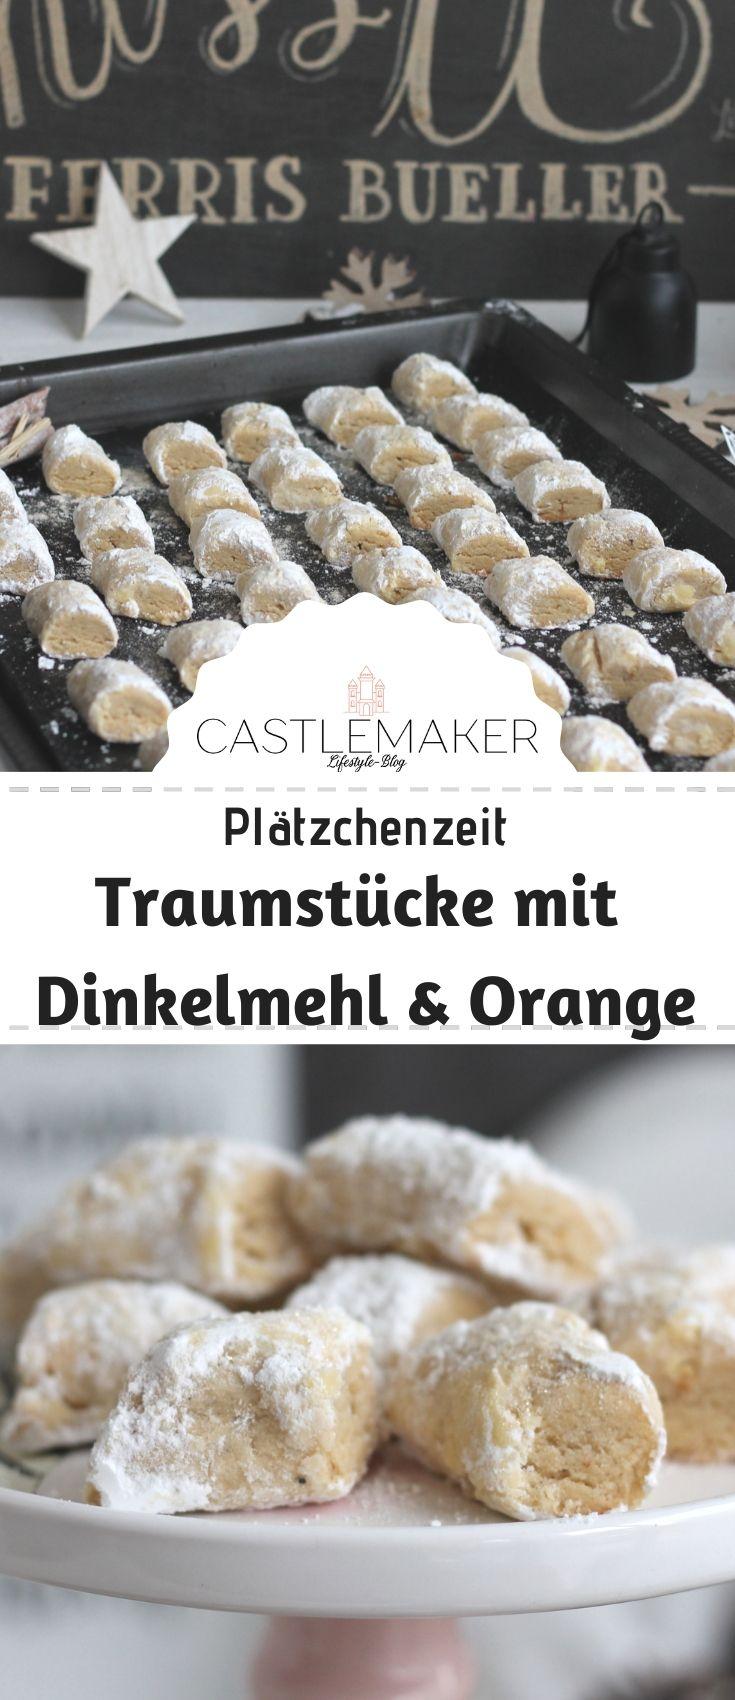 DinkelTraumstücke mit Orange Köstliche Traumstücke  die wohl einfachsten Plätzchen der Welt  mit Dinkelmehl und Orange  einfach lecker schön Das...